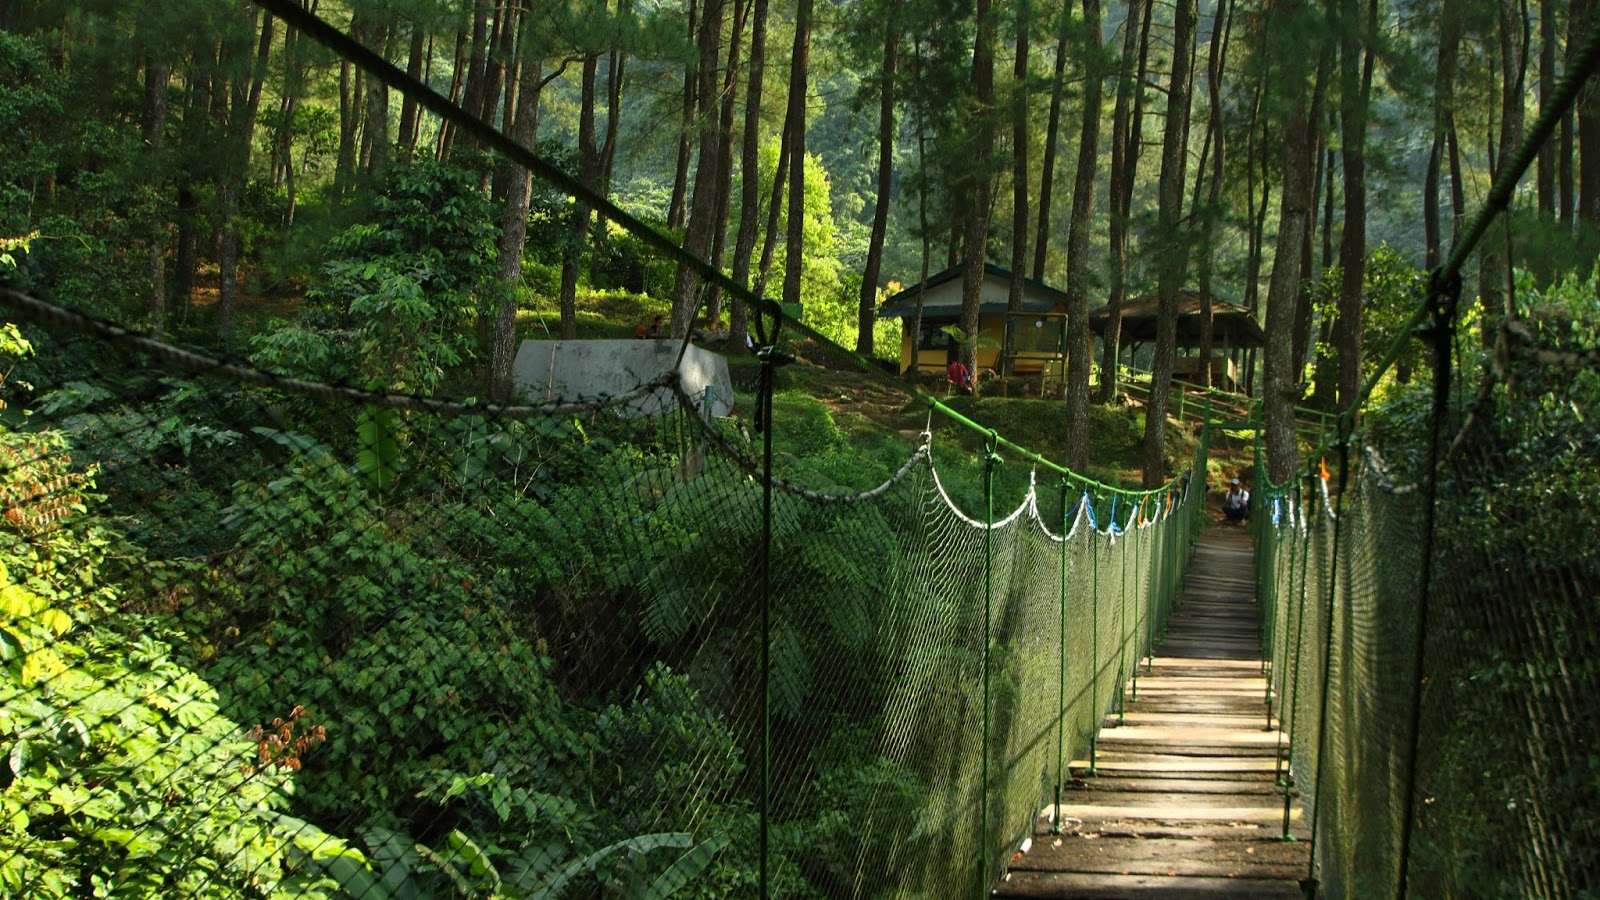 Tempat Wisata Alam Di Bogor Barat Surat Kabar